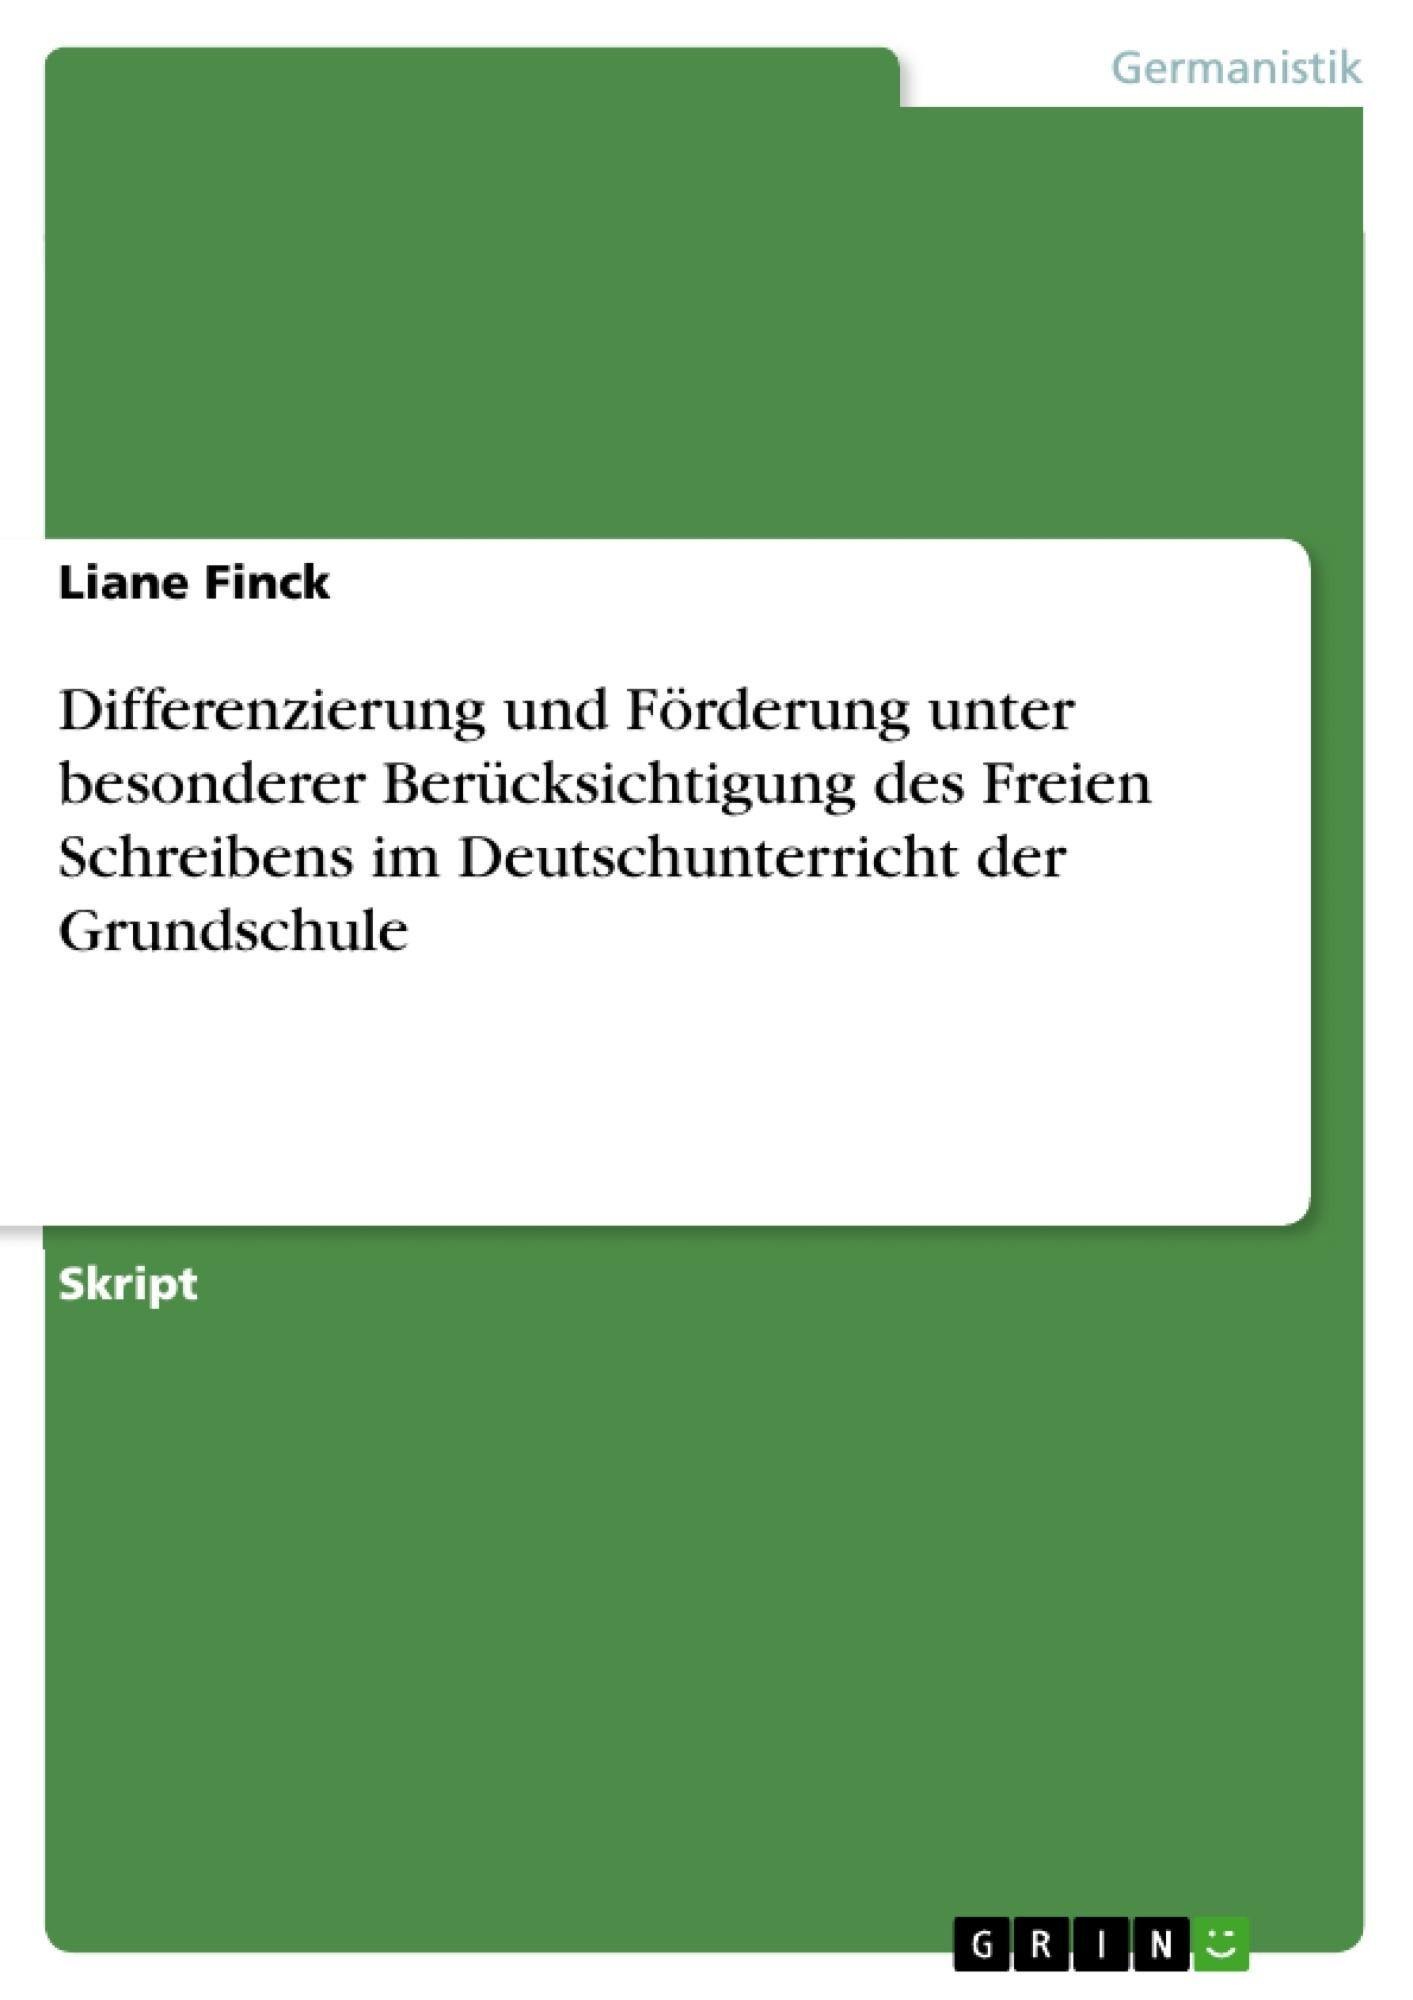 Titel: Differenzierung und Förderung unter besonderer Berücksichtigung des Freien Schreibens im Deutschunterricht der Grundschule